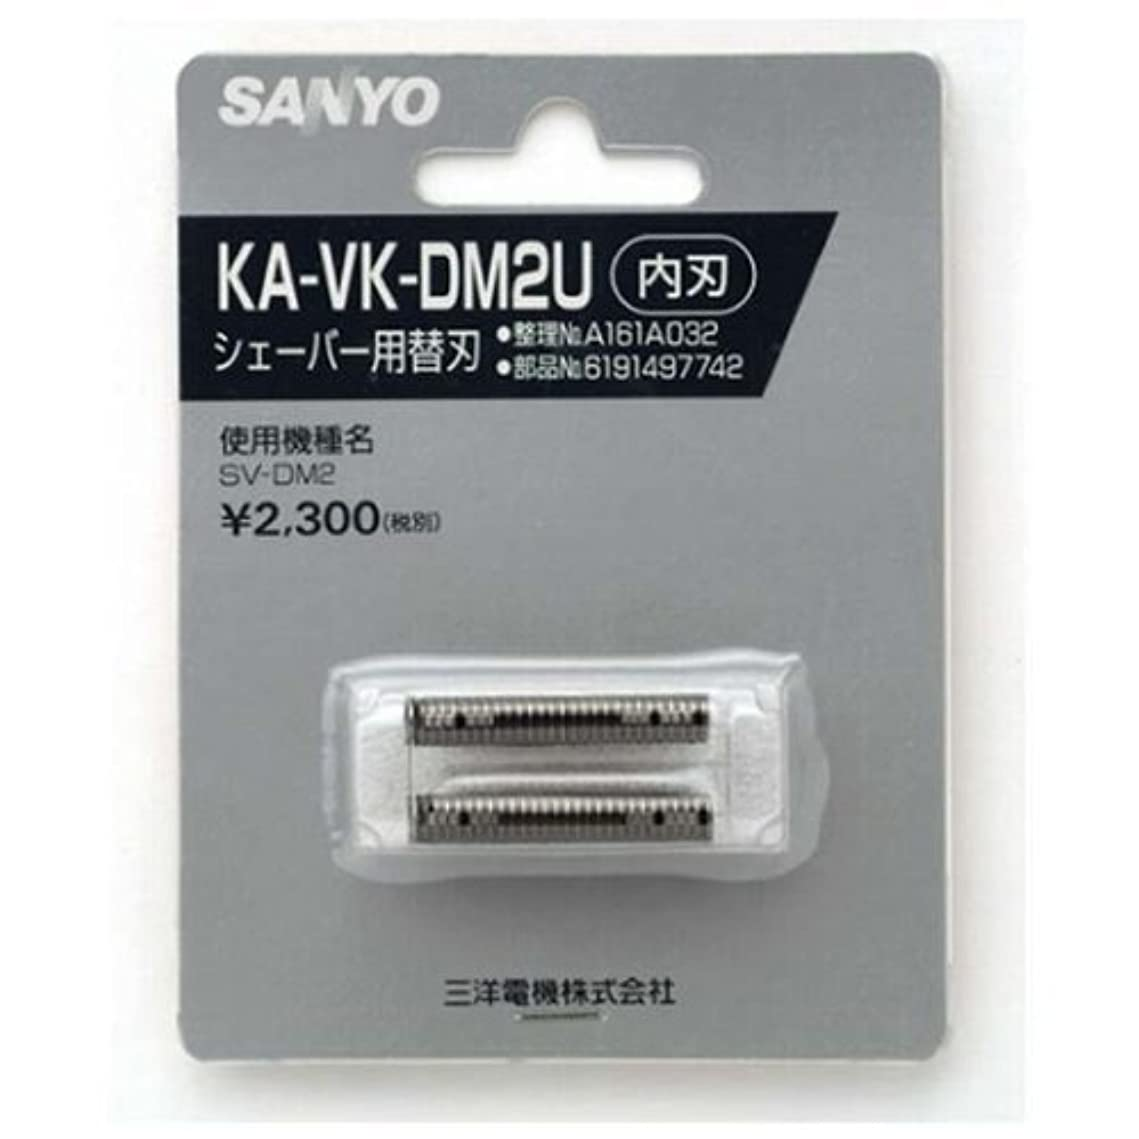 カラスで商標サンヨー 交換用替刃(内刃) KA-VK-DM2U